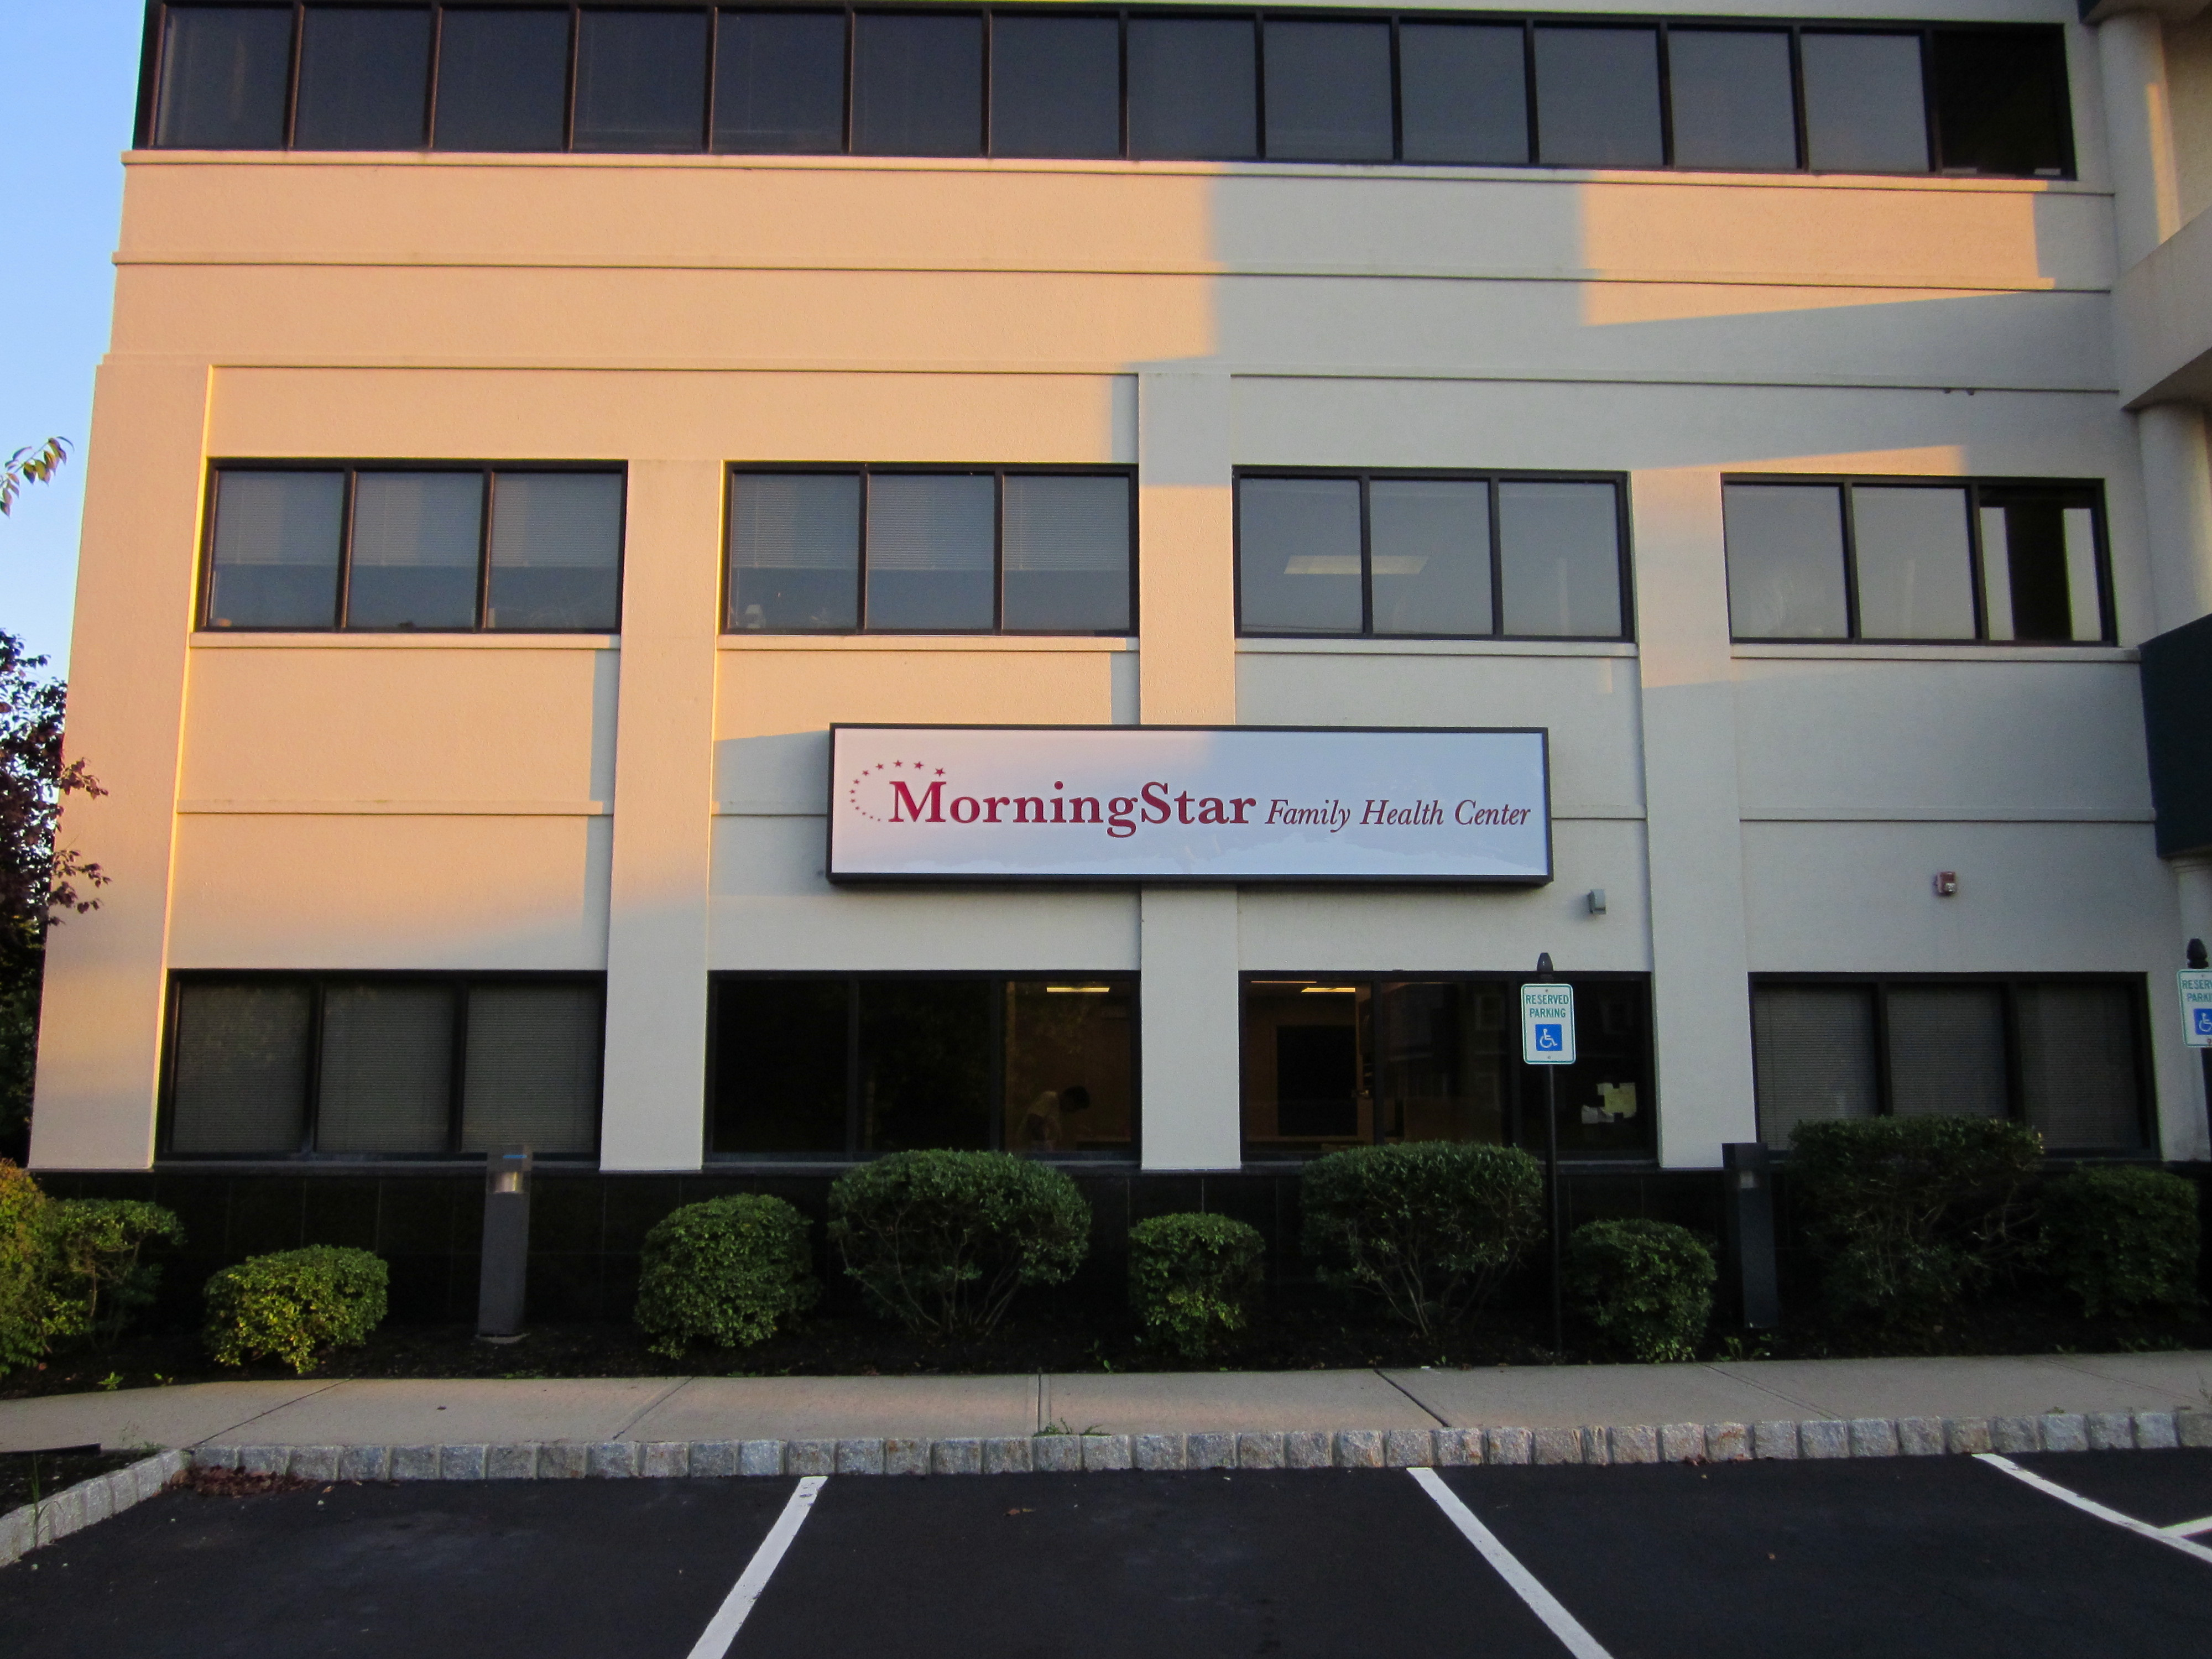 MorningStar Family Health Center image 0